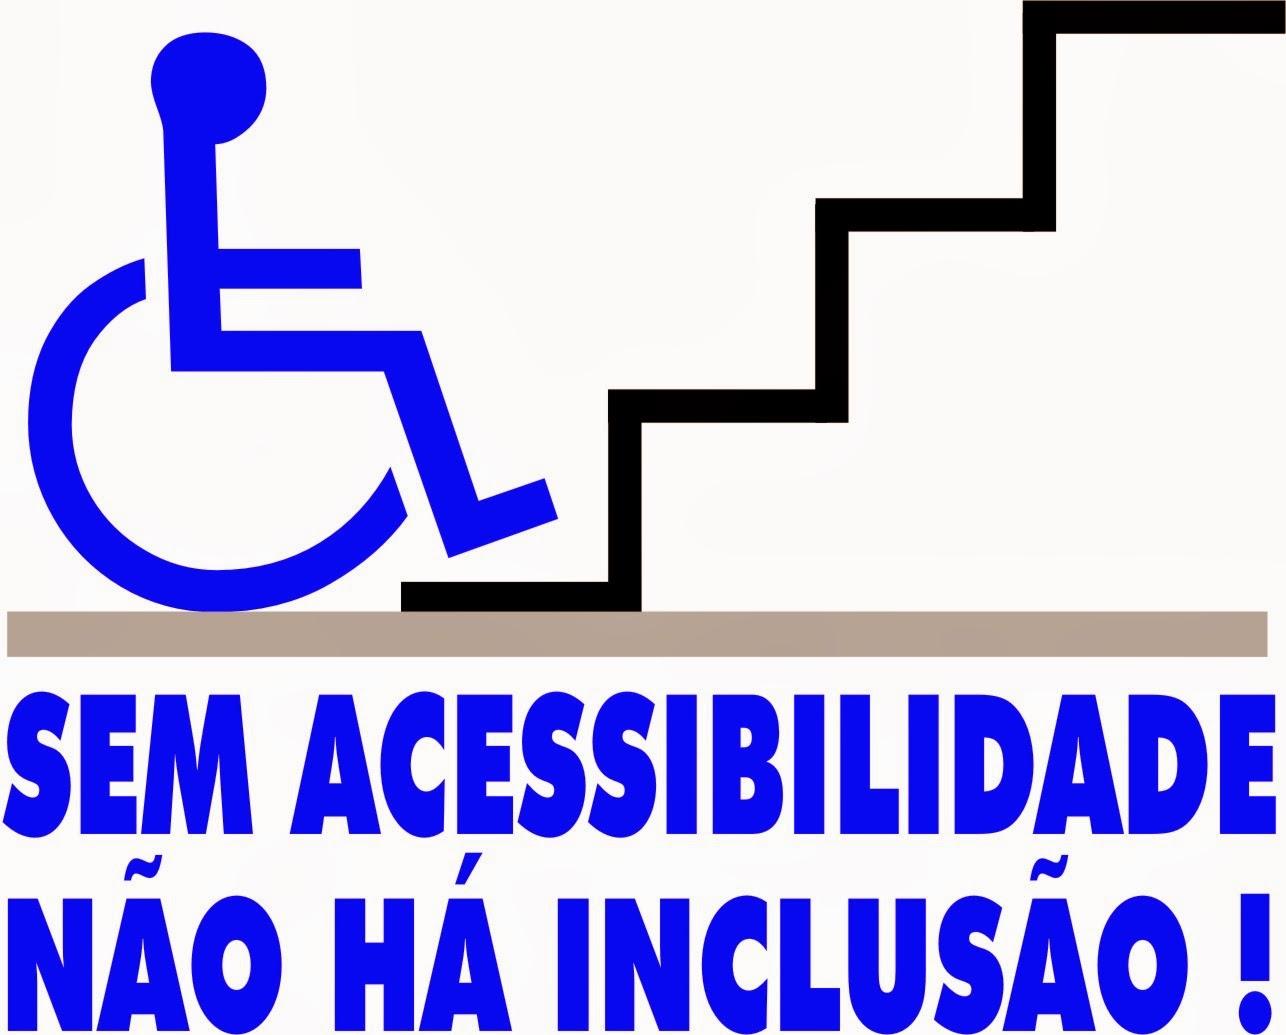 easymatica : TRIGONOMETRIA E ACESSIBILIDADE ABNT NBR 9050 #0707C4 1286x1035 Banheiro De Deficiente Abnt